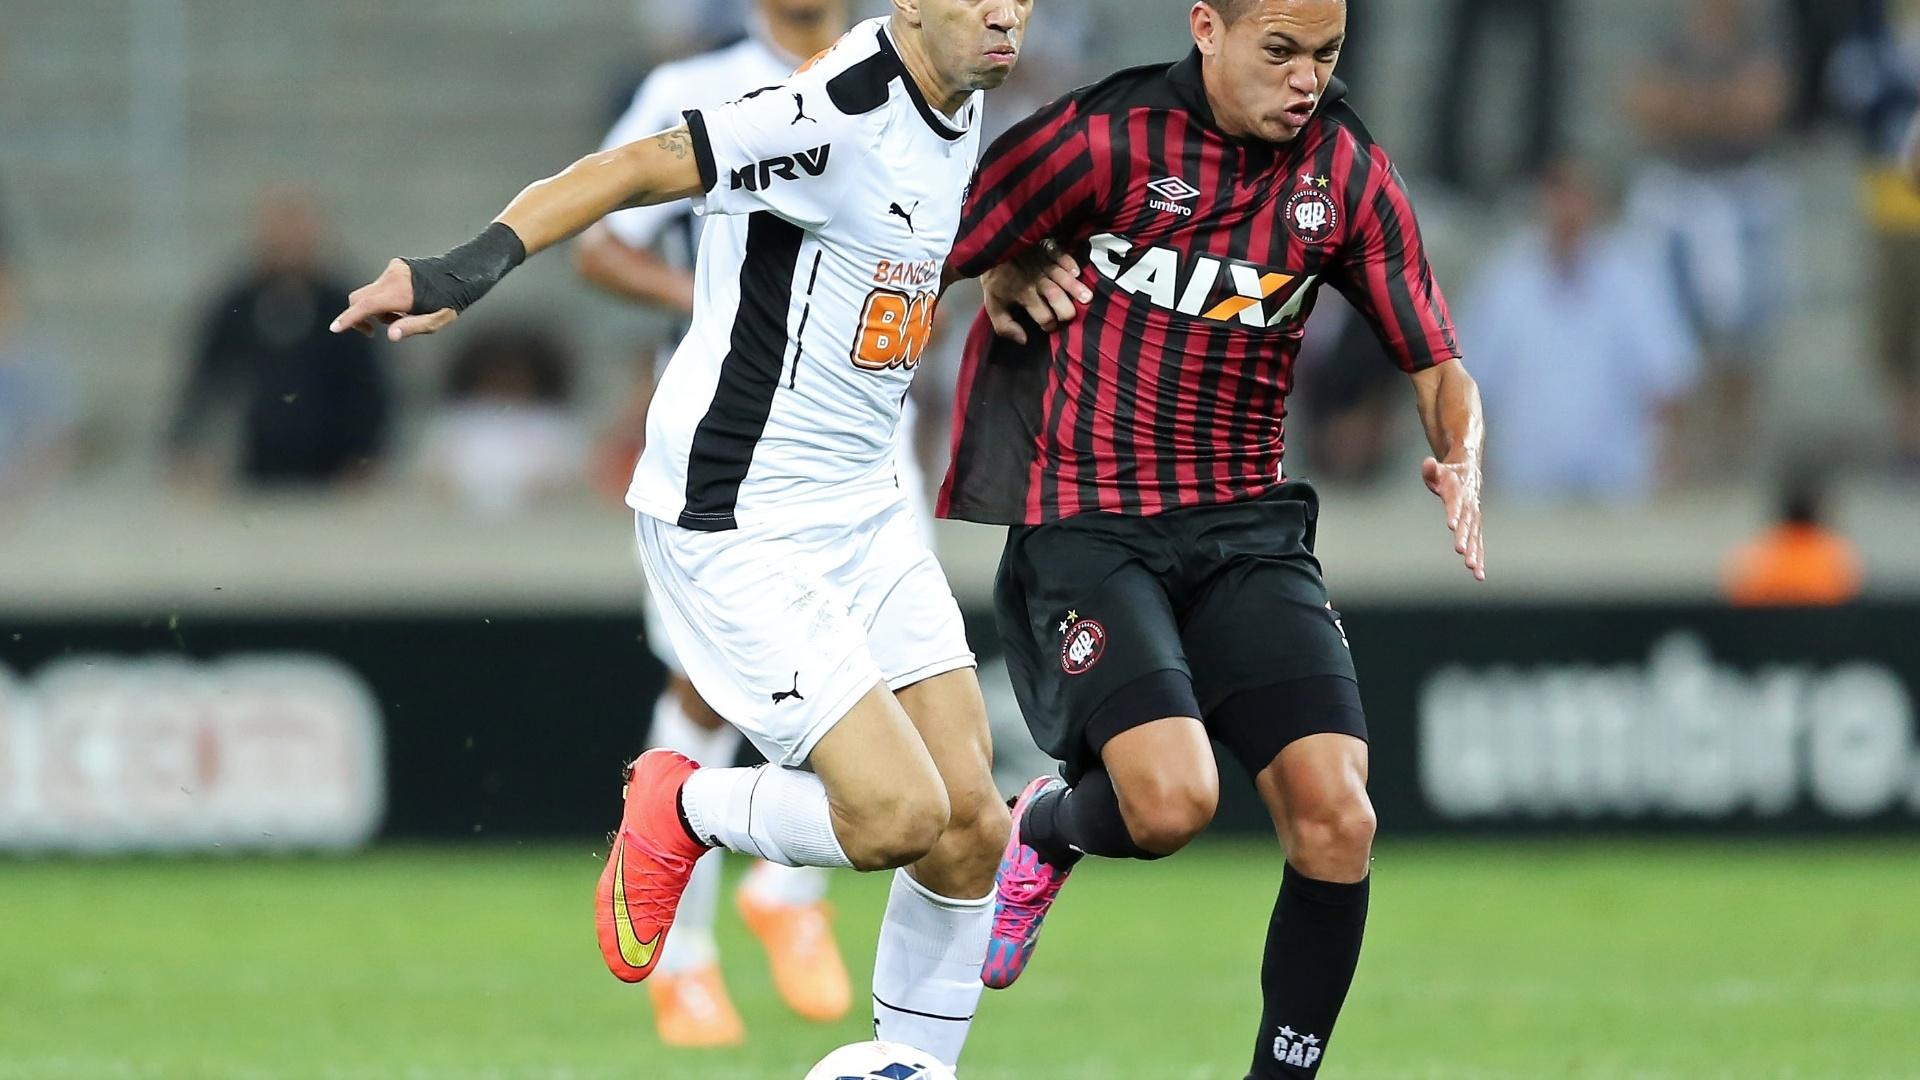 Diego Tardelli disputa bola com jogador do Atlético-PR em jogo do Atlético-MG